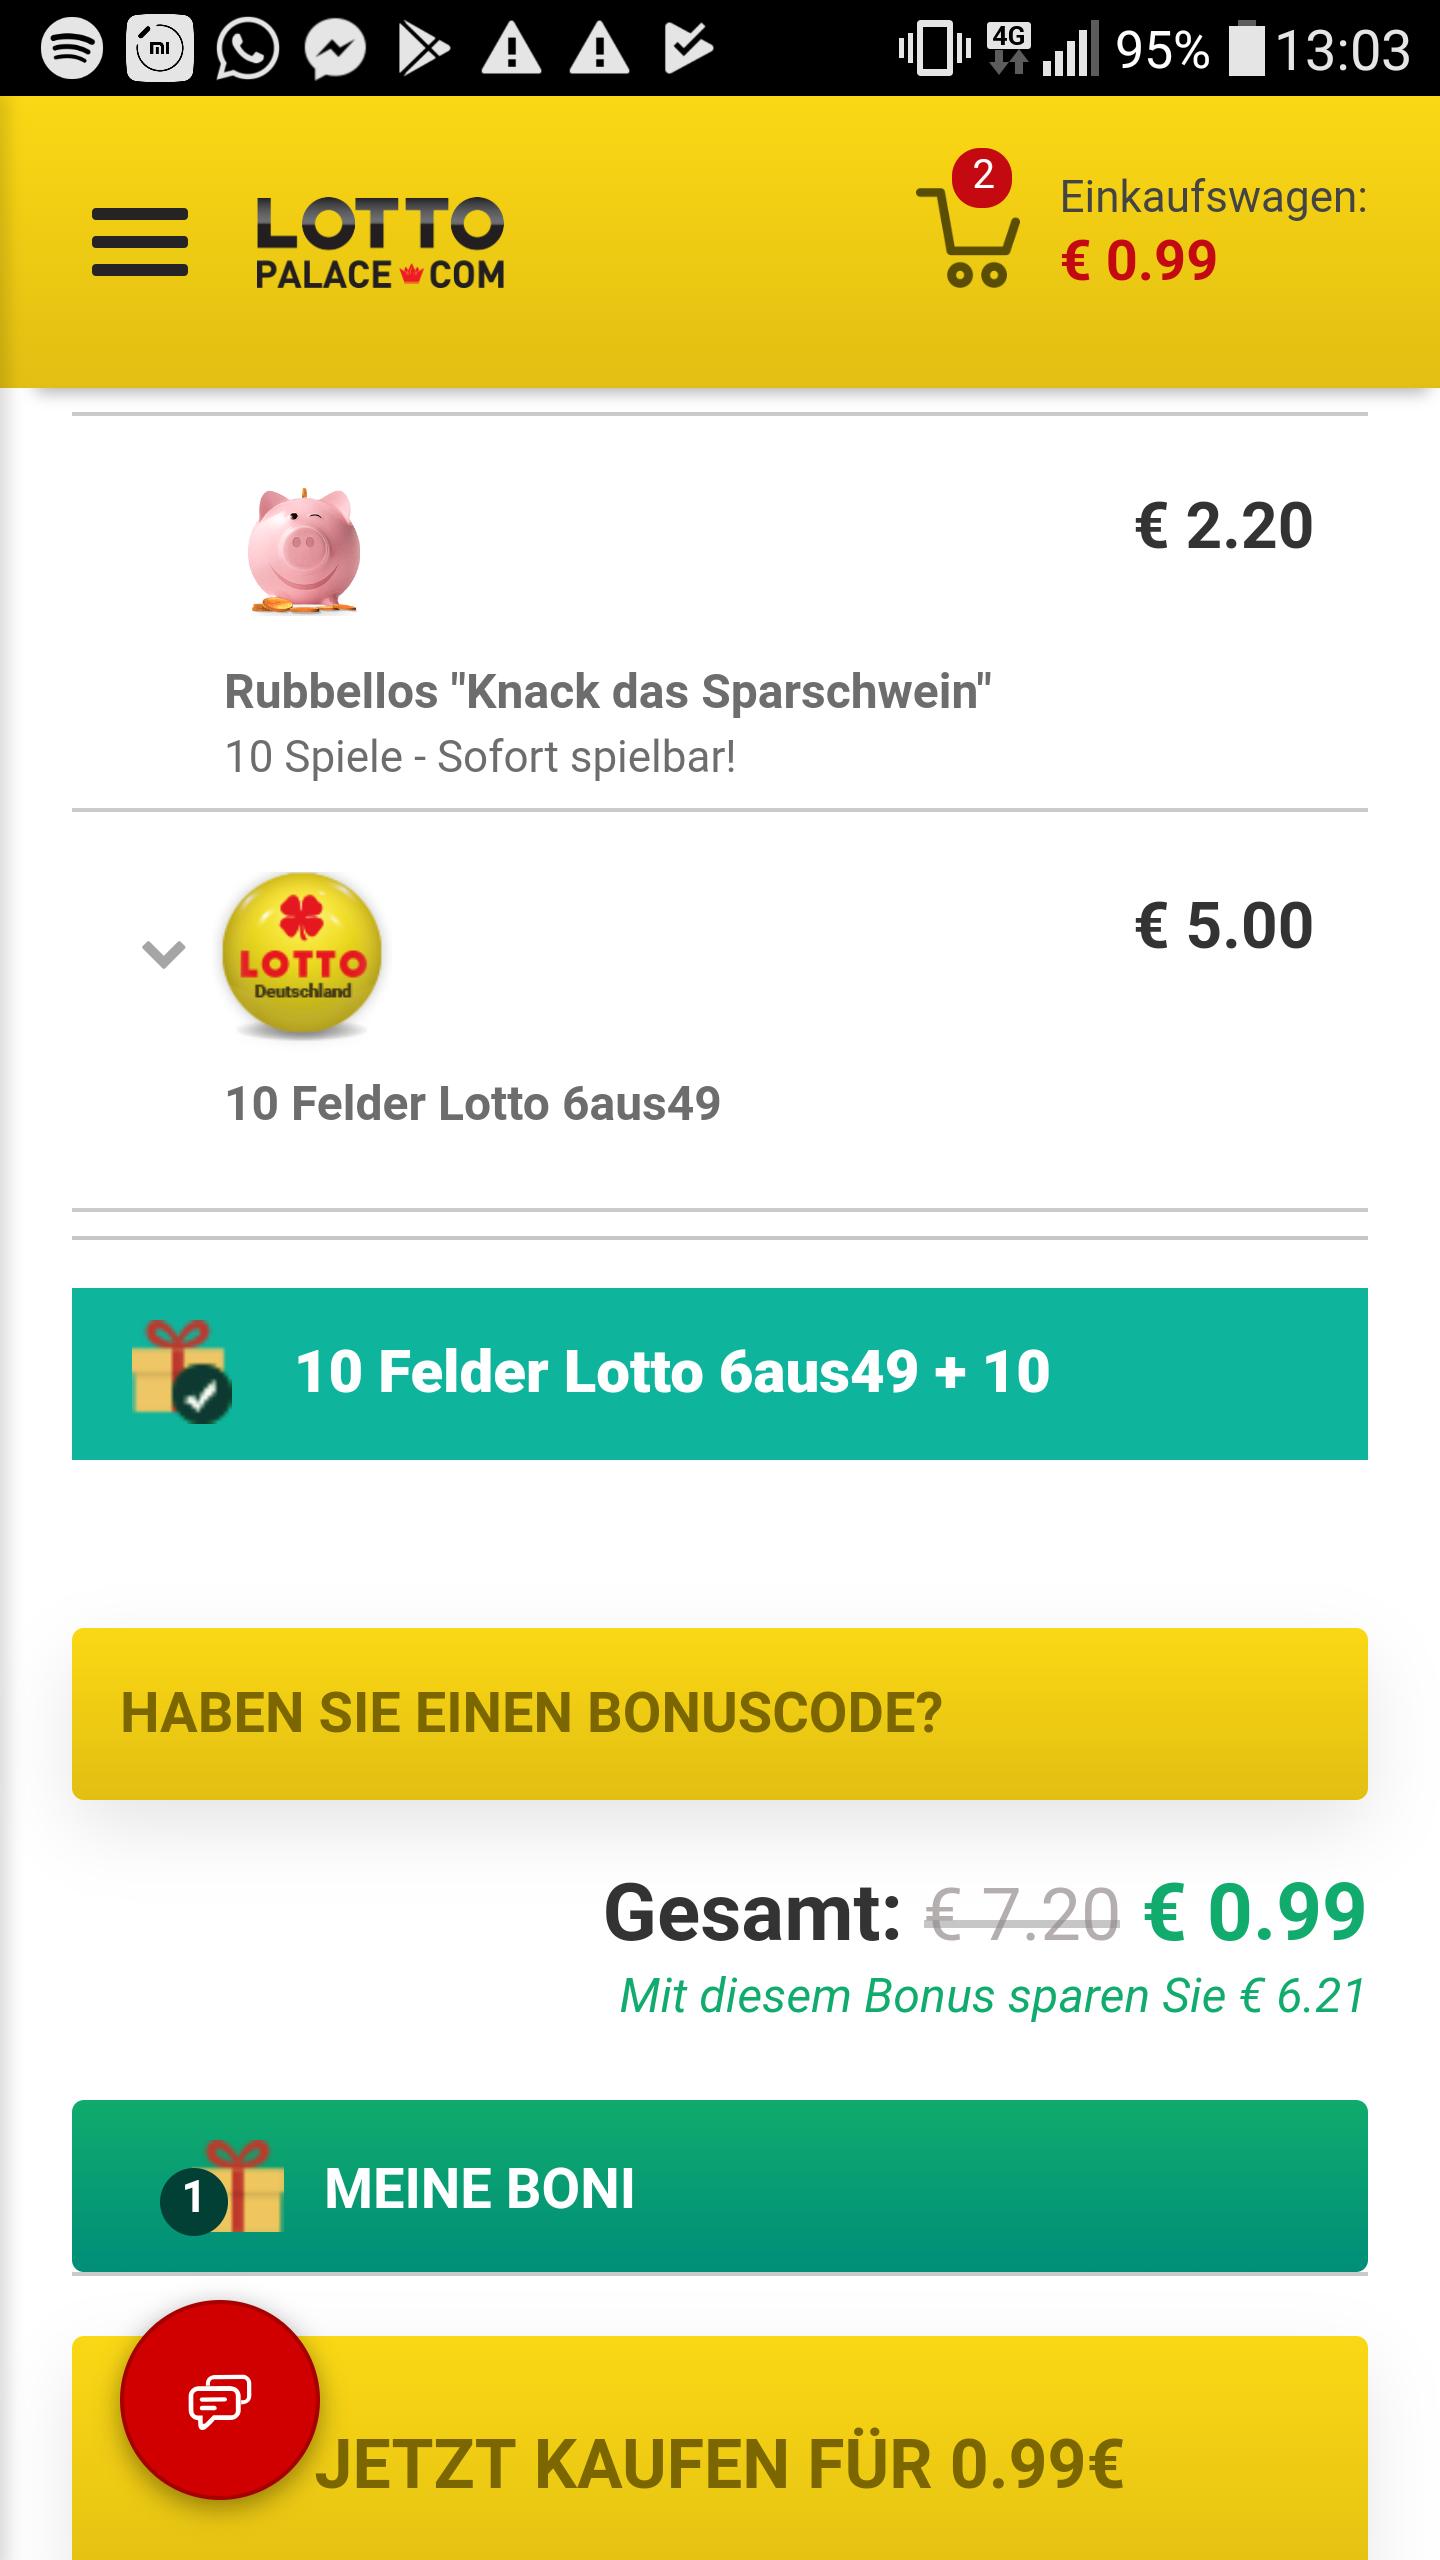 Lottopalace (Bestandkunden) 10 Felder Lotto 6aus49 + 10 rubbellose Sparschwein für 99ct